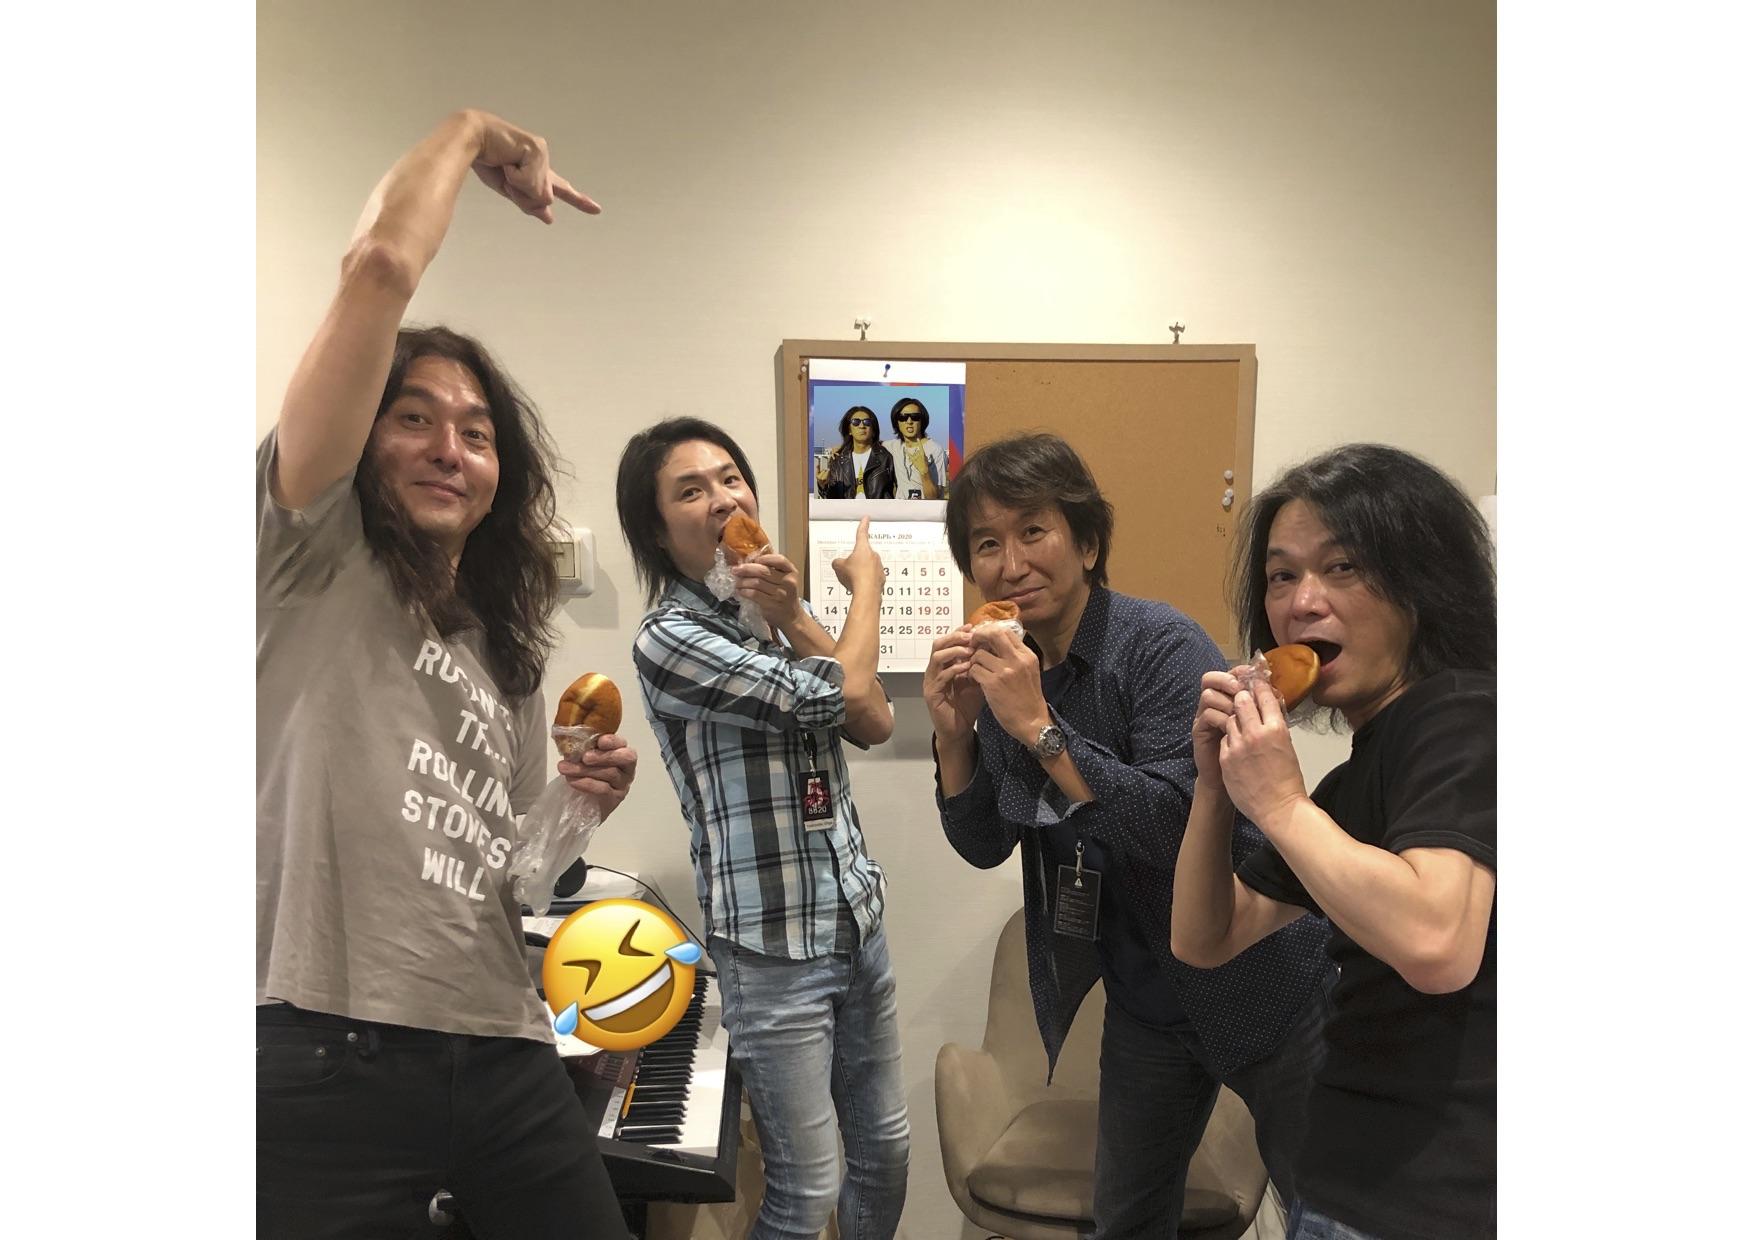 増田隆宣が投稿したB'z「Day4」のバンドメンバー写真